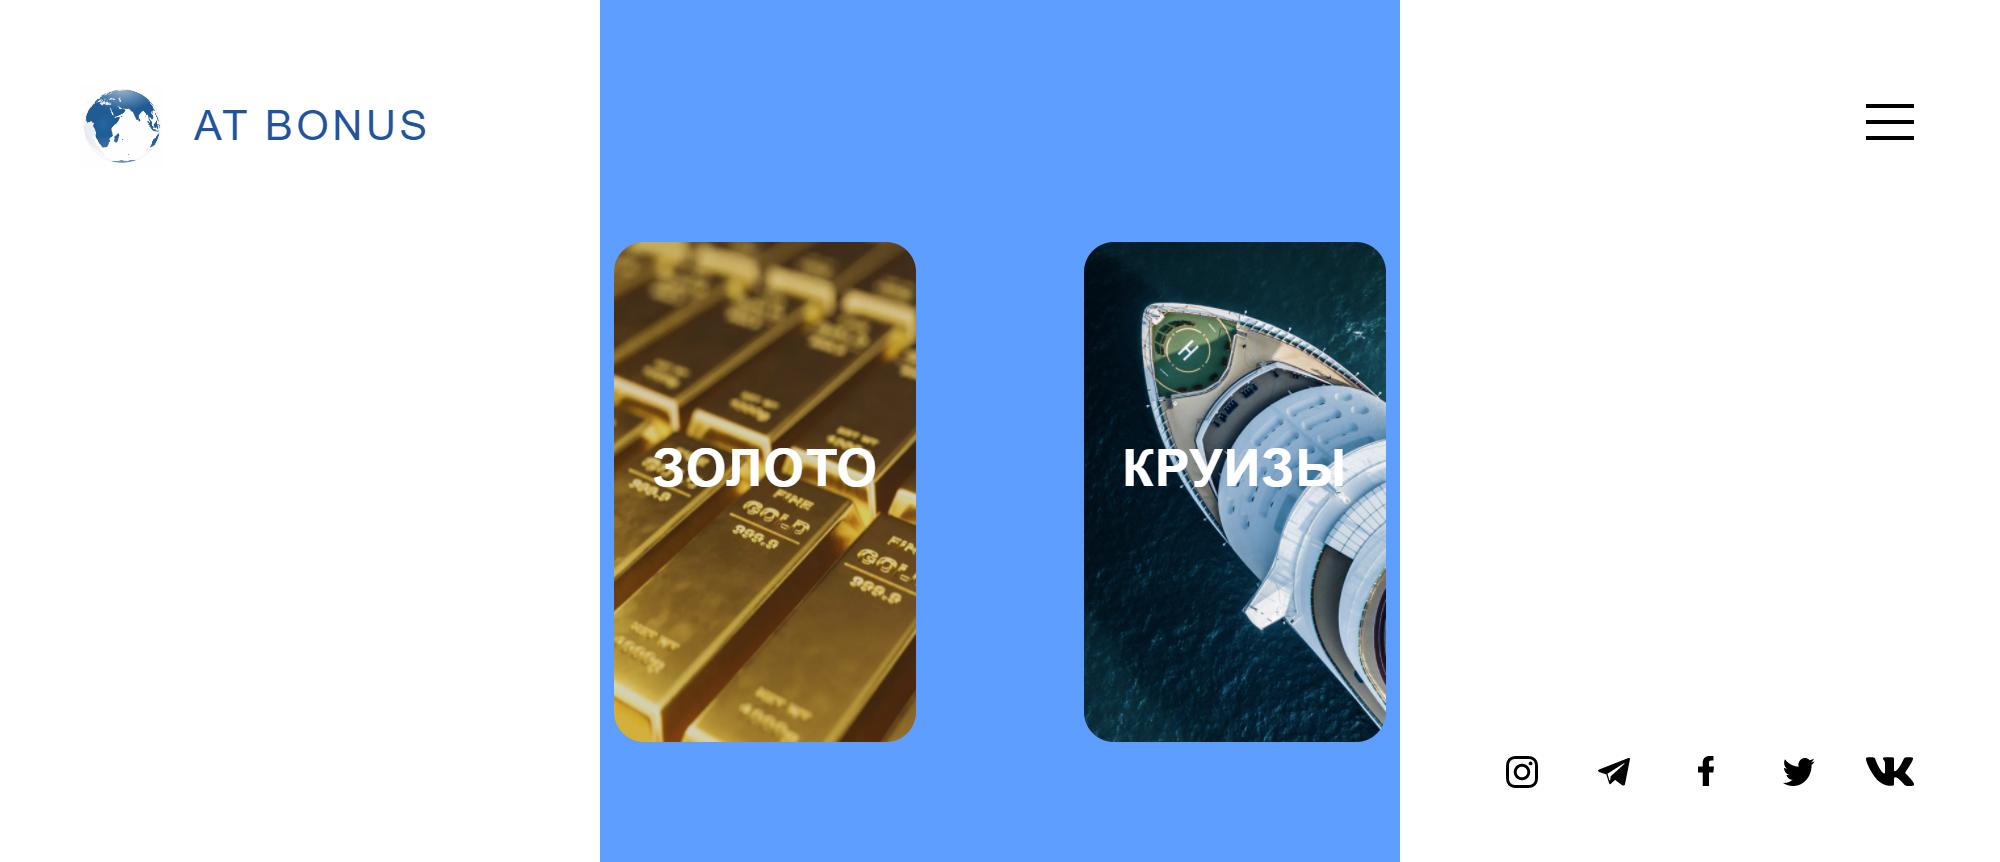 Компания предлагает инвестировать в золото и круизы, но в видео на сайте речь в основном идет про реферальную программу